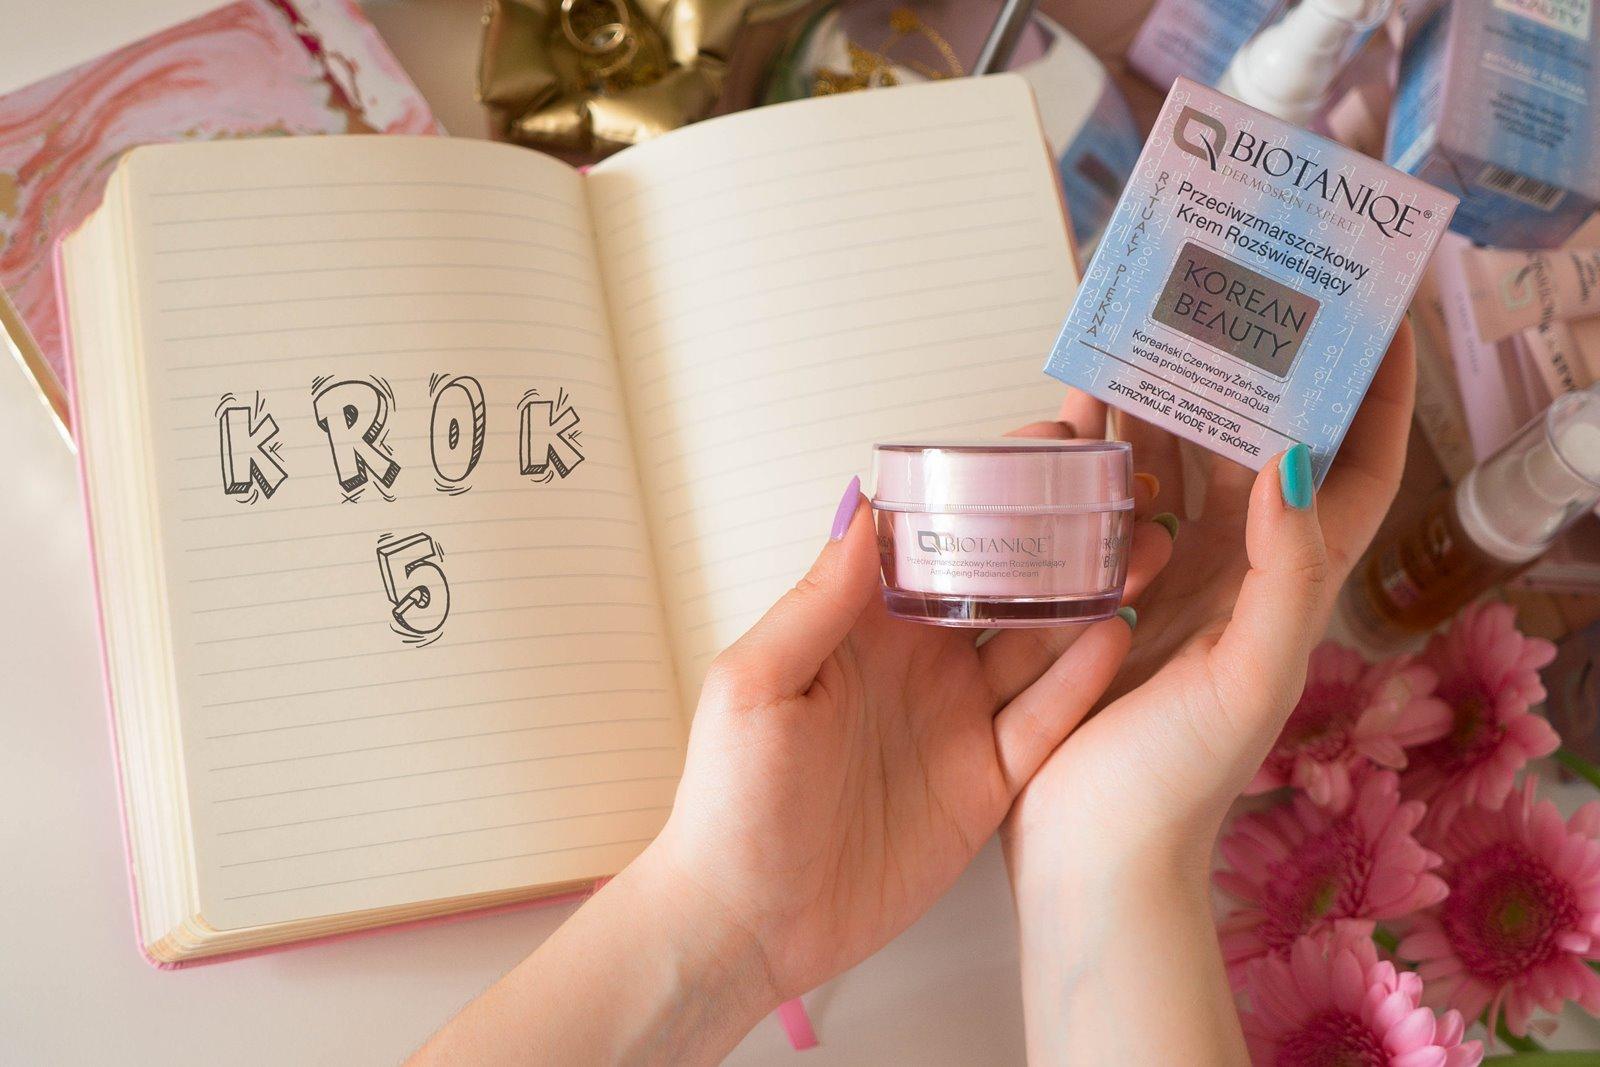 9 biotaniqe koreańska pielęgnacja krok po kroku w jakiej kolejności nakładać kosmetyki jak dbać o cerę koreańskie kosmetyki kremy serum maski korean beauty instagram melodylaniella łódzka blogerka lifestyle